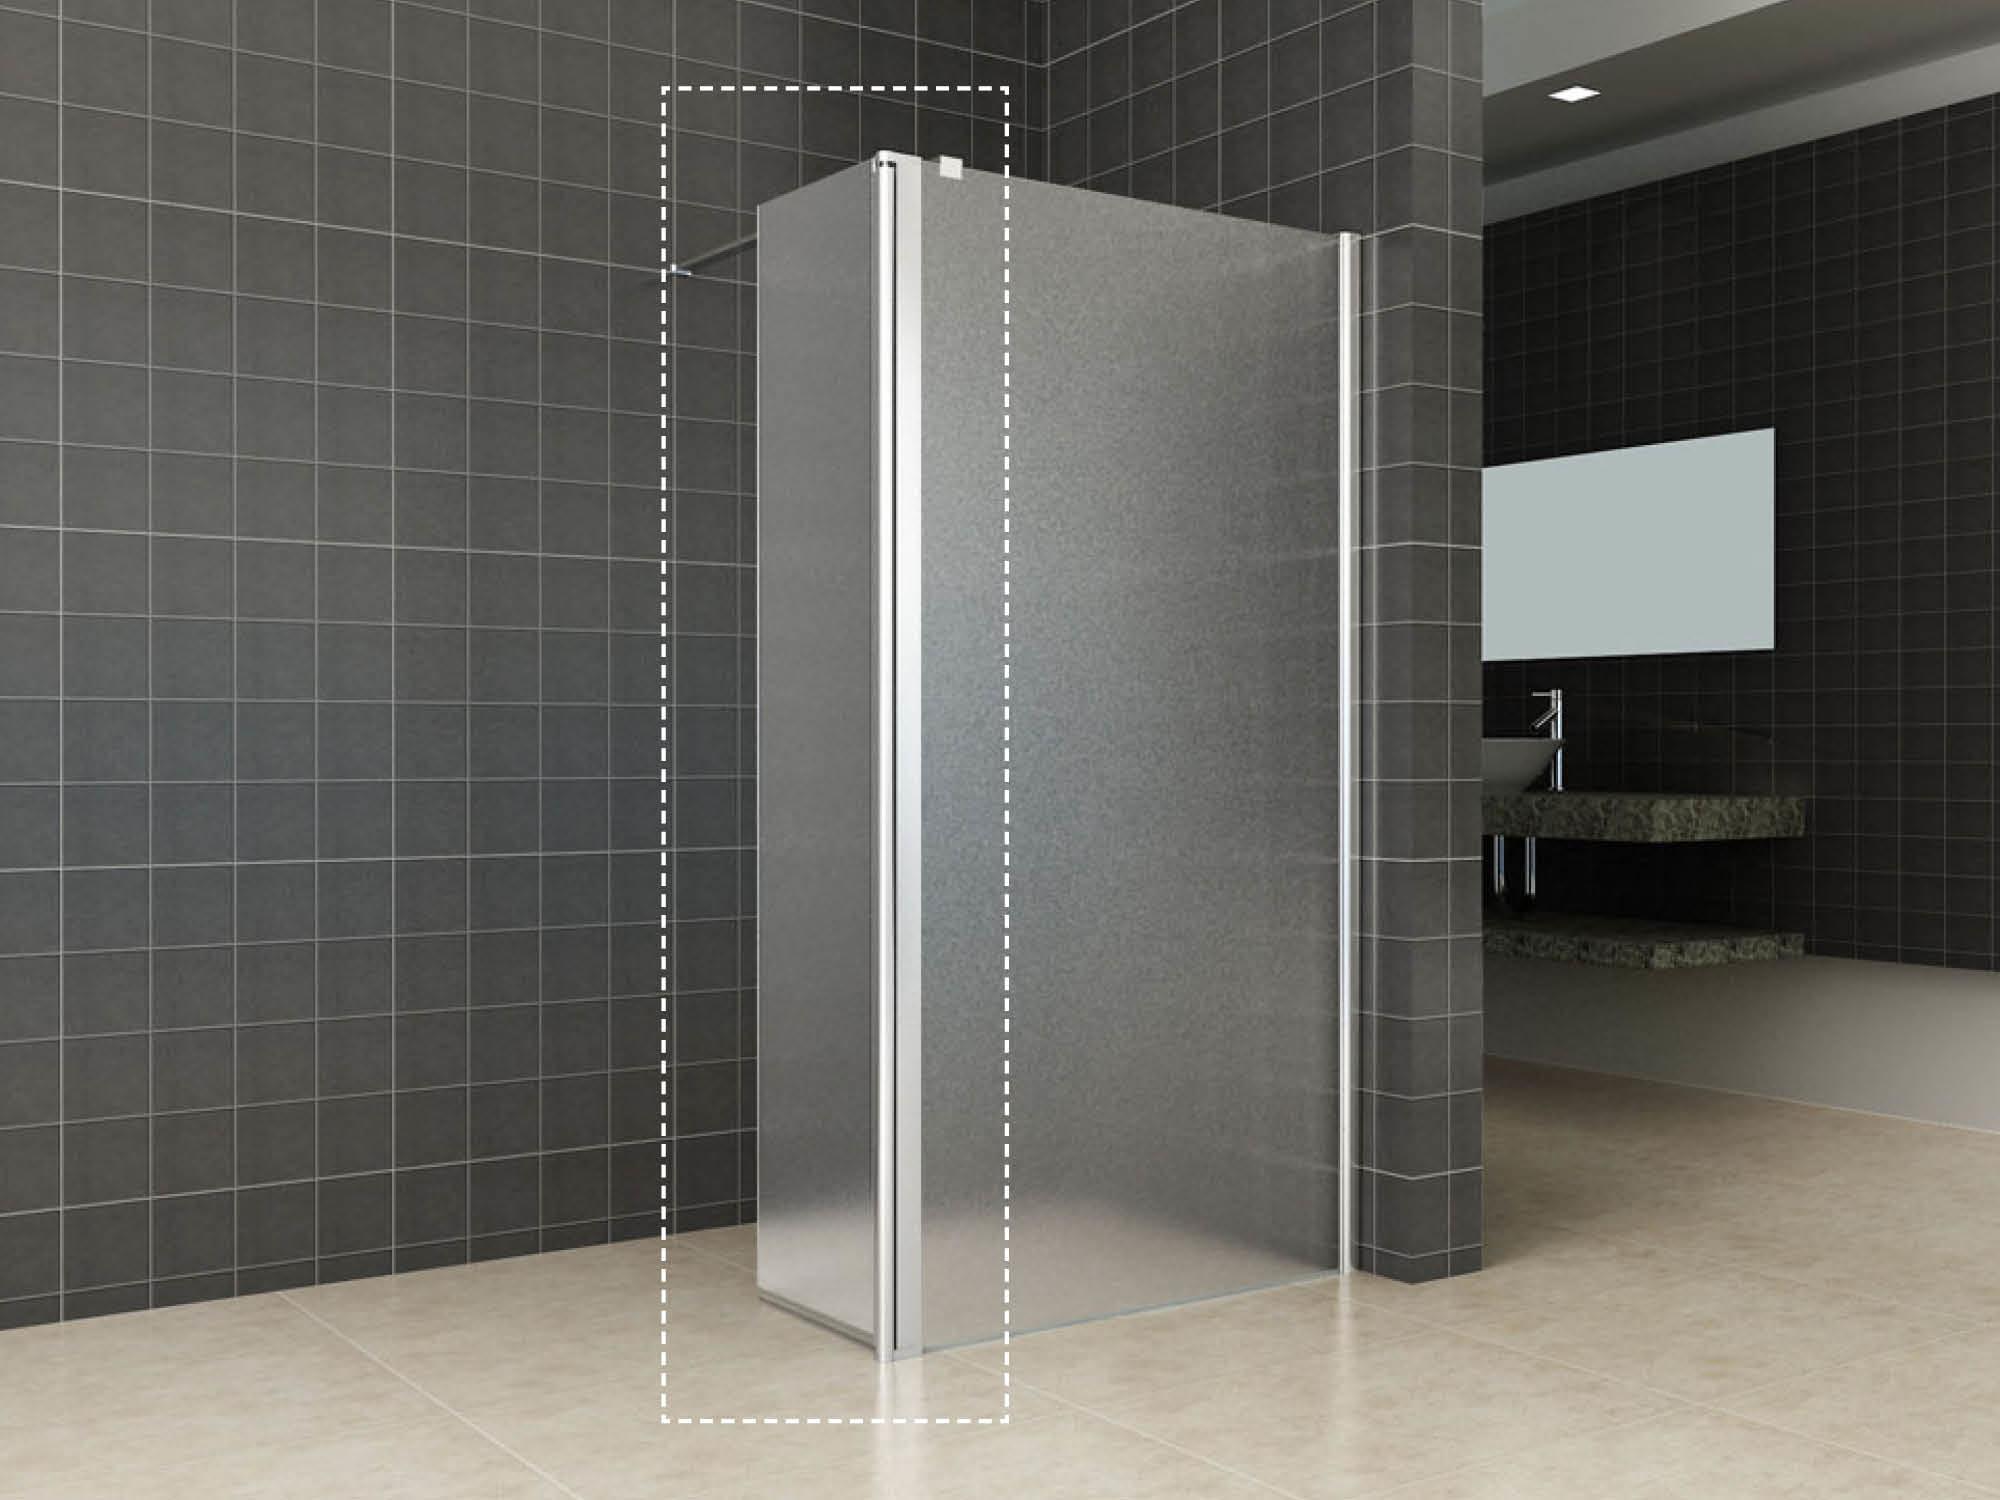 Wiesbaden Zijpaneel 35 x 200 cm met scharnierprofiel rechts chroom met 10 mm NANO geheel matglas